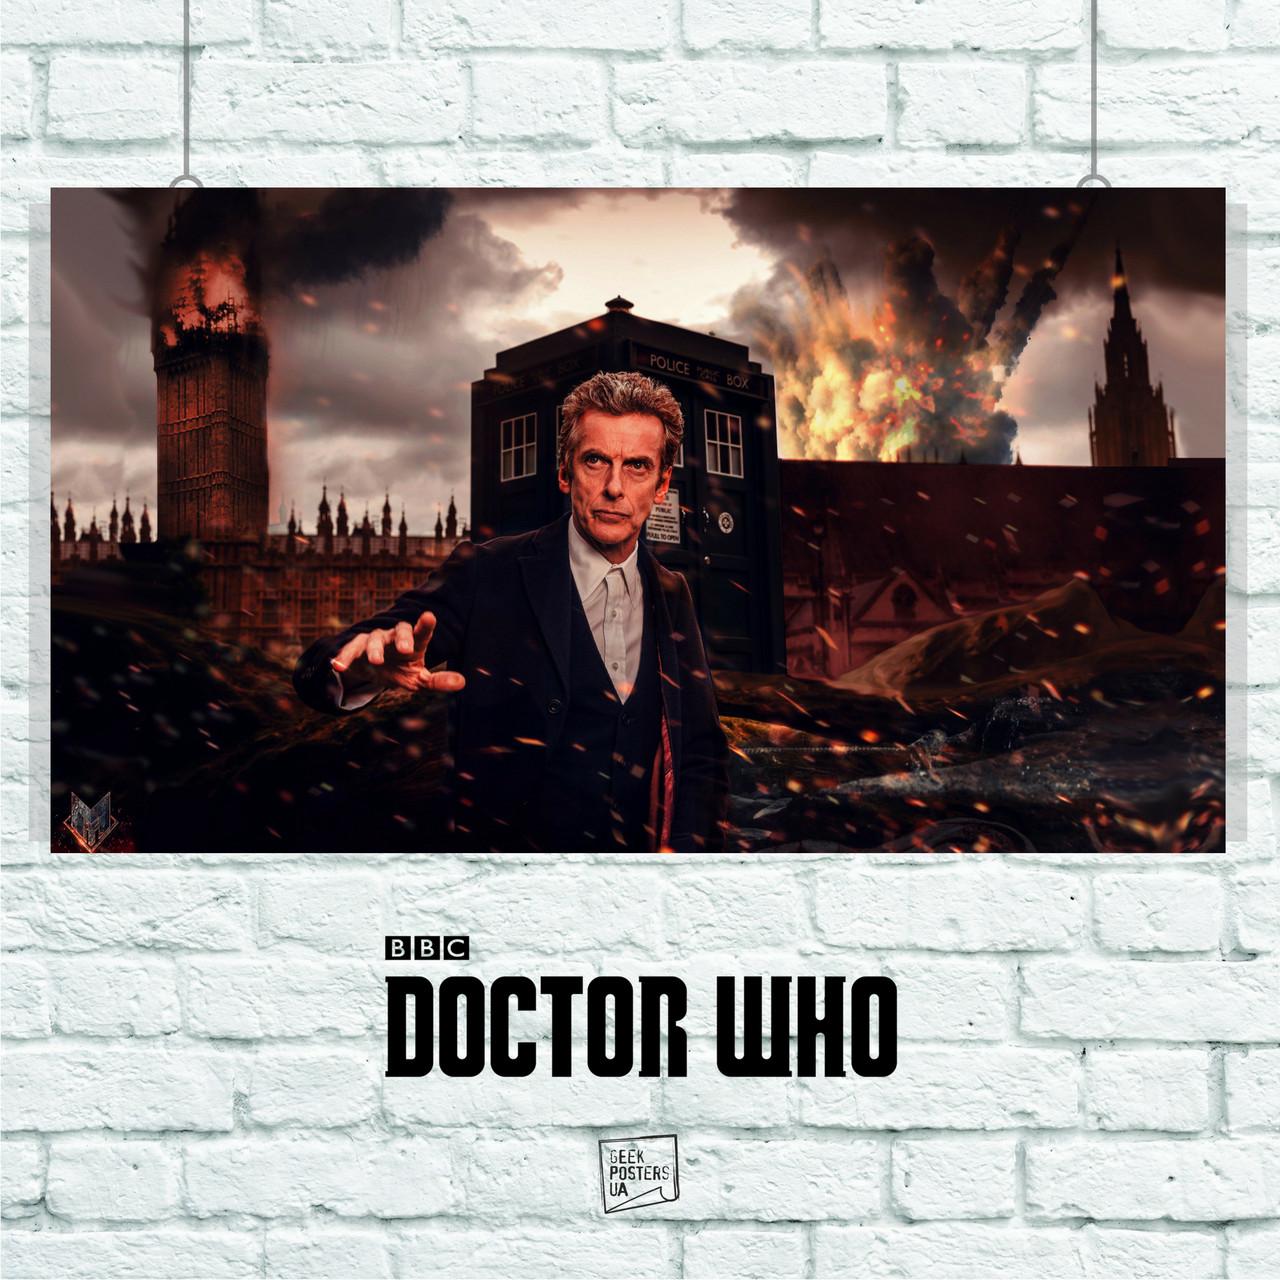 Постер Dr.Who, Доктор Кто. Размер 60x34см (A2). Глянцевая бумага